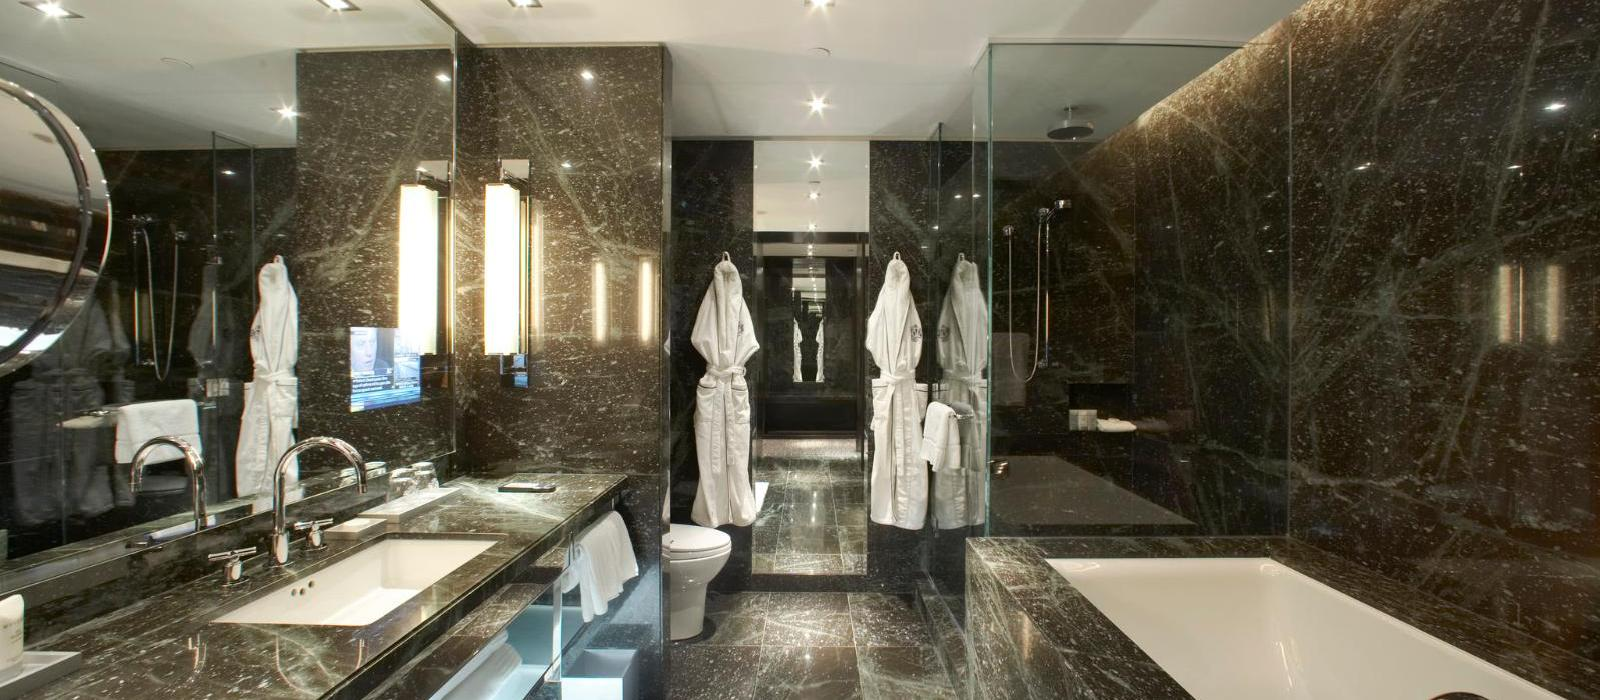 多伦多黑泽尔顿酒店(The  Hazelton Hotel Toronto) 图片  www.lhw.cn